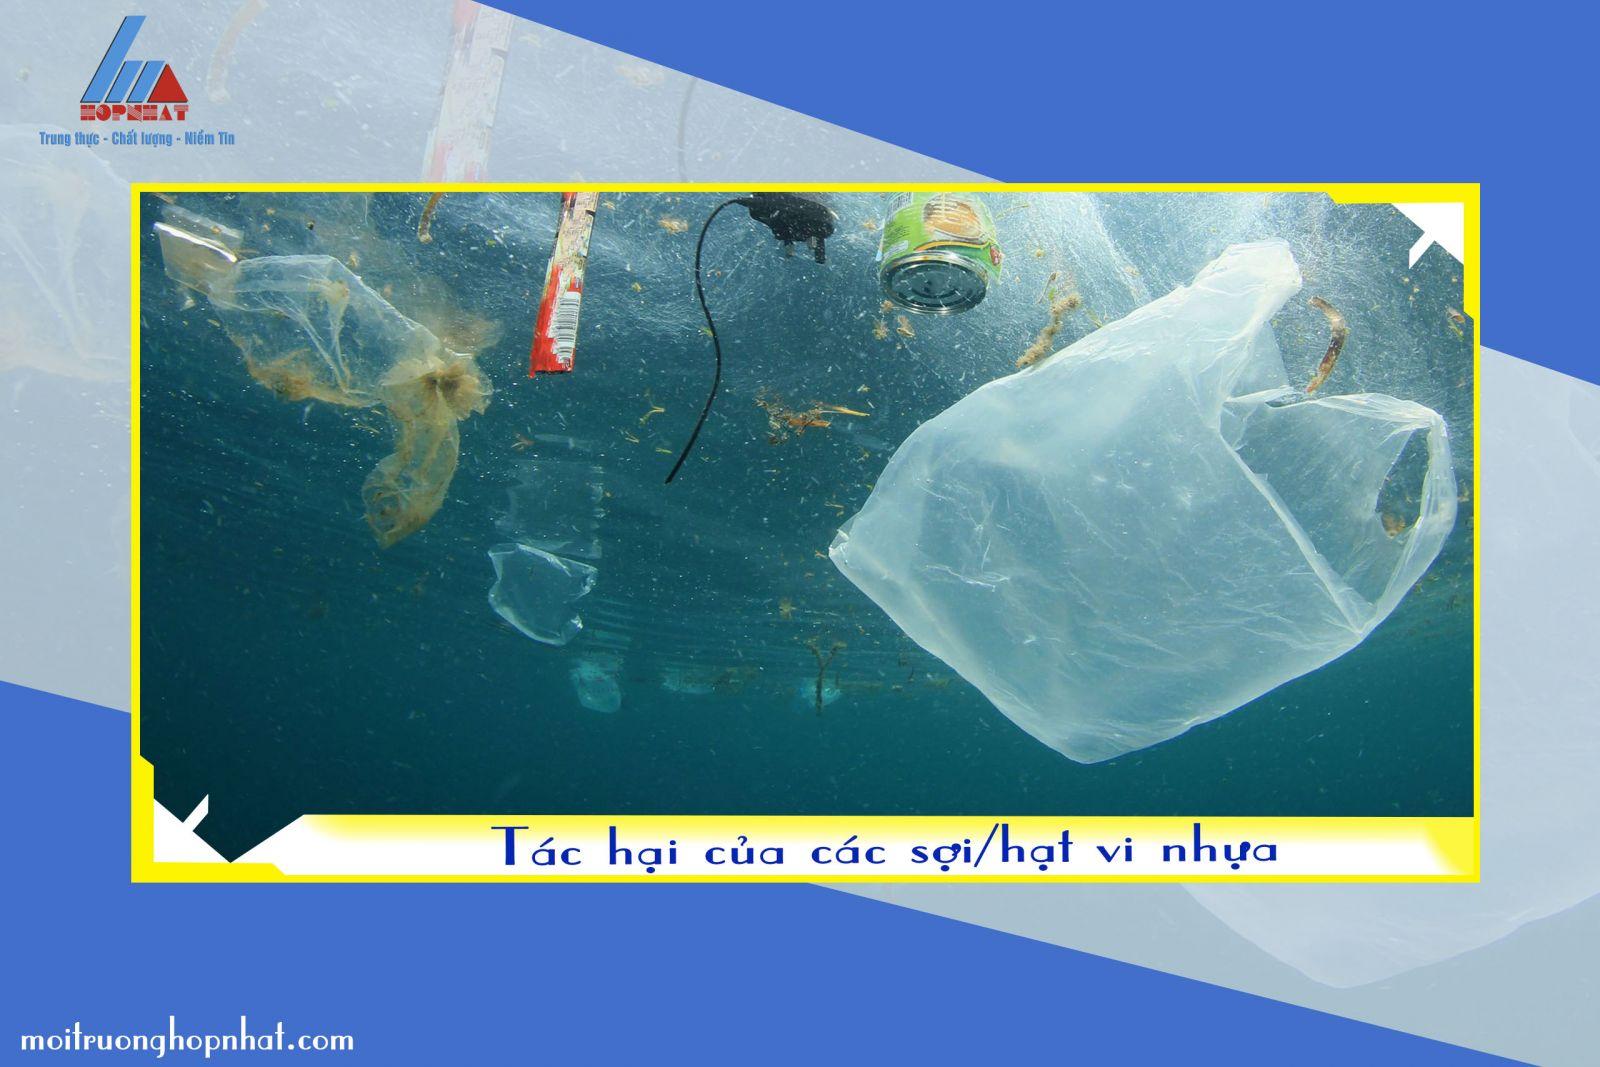 Tác hại của các sợi/hạt vi nhựa